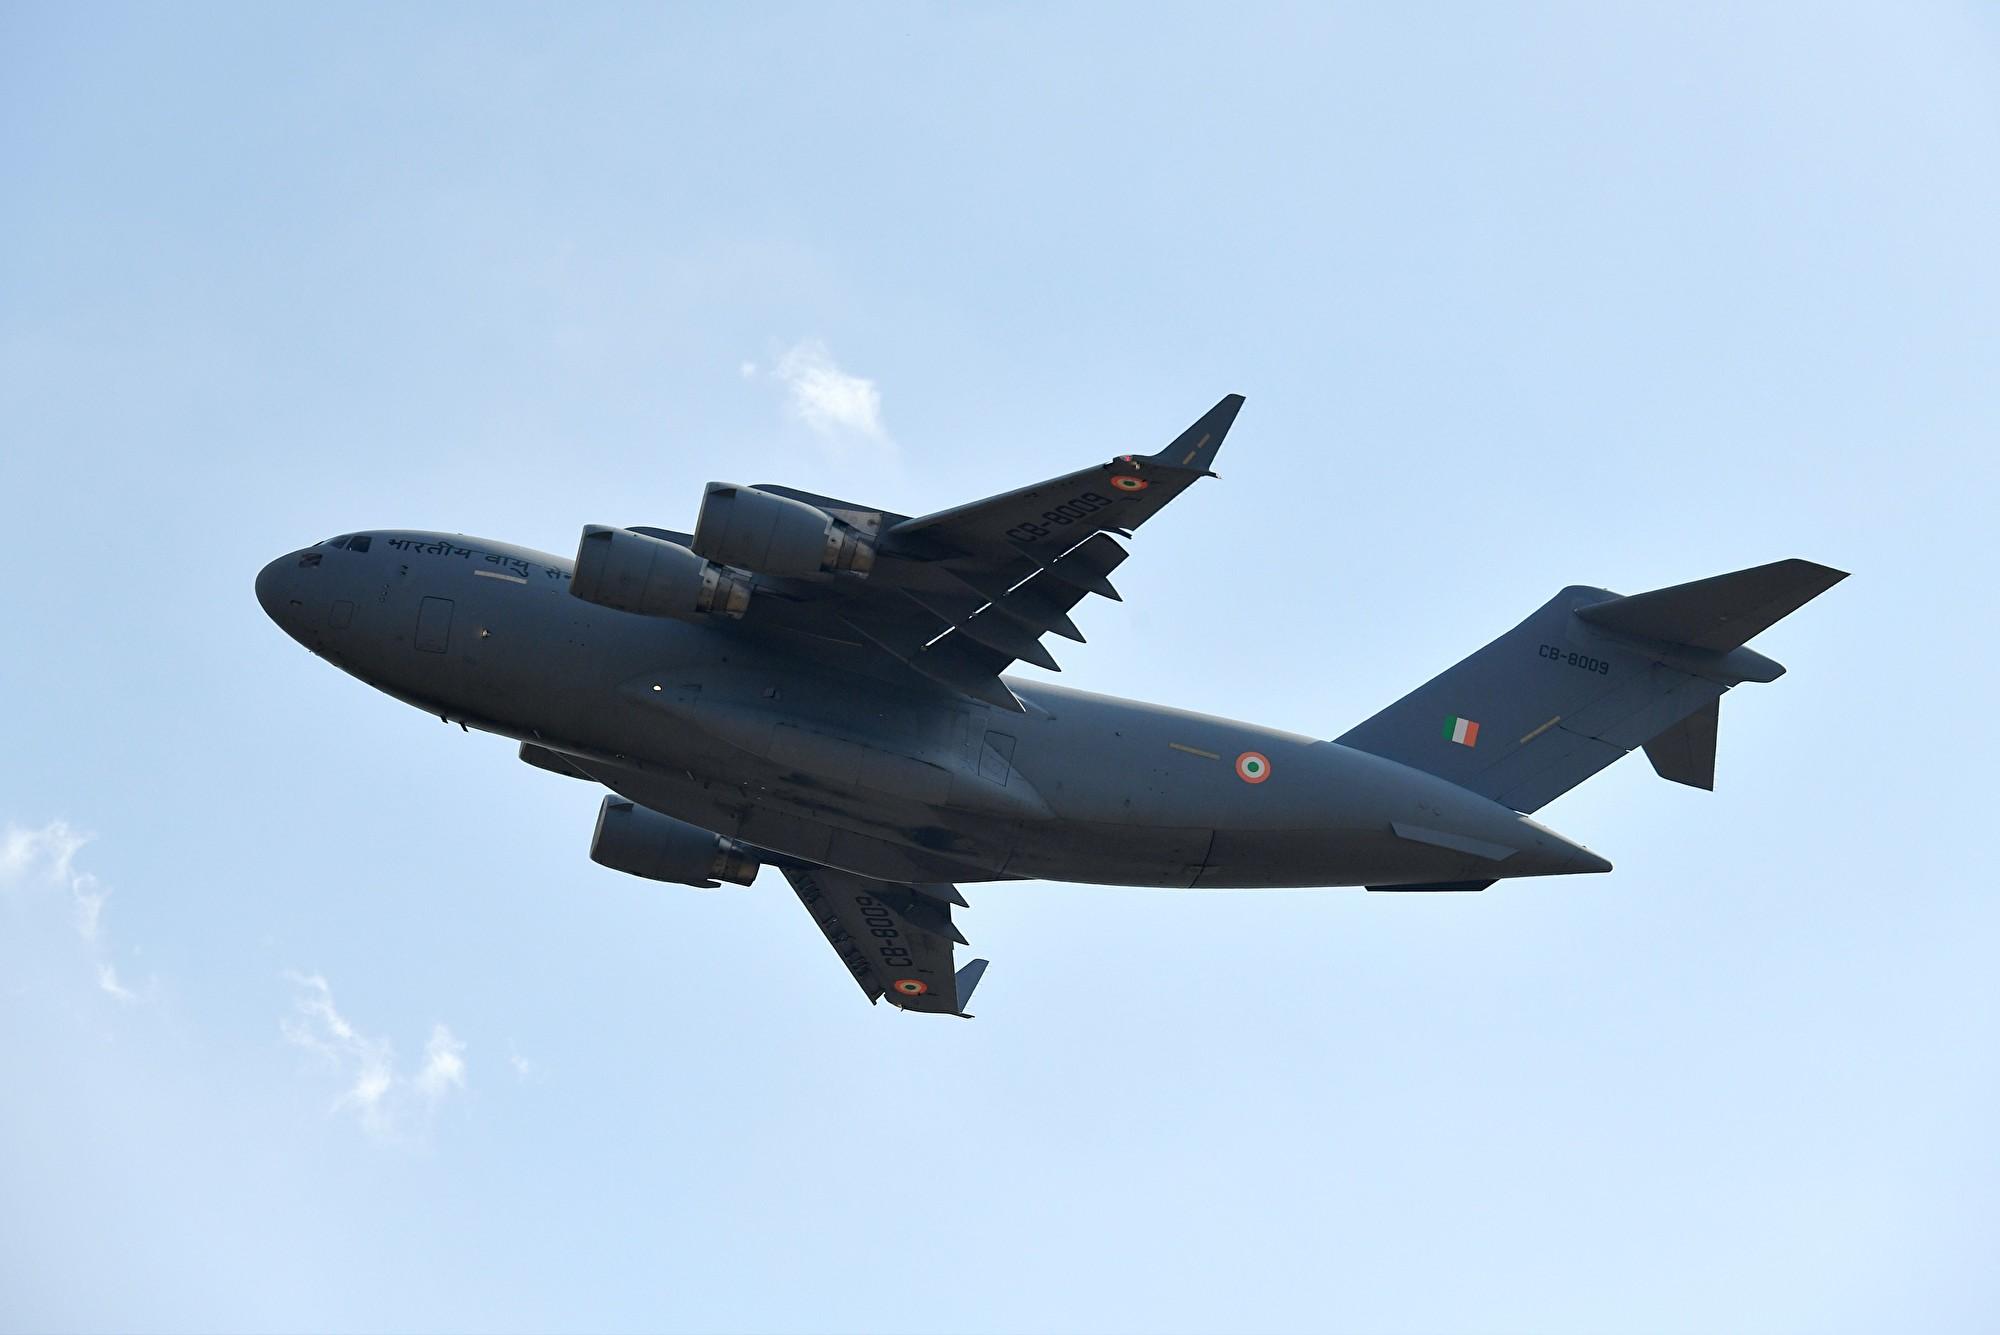 印度媒體援引消息說,中共故意延遲對印度派C-17運輸機從武漢撤僑的許可。圖為2019年2月14日,印度空軍一架C-17運輸機飛行於邦加羅爾(Bengaluru)上空。(MANJUNATH KIRAN/AFP via Getty Images)